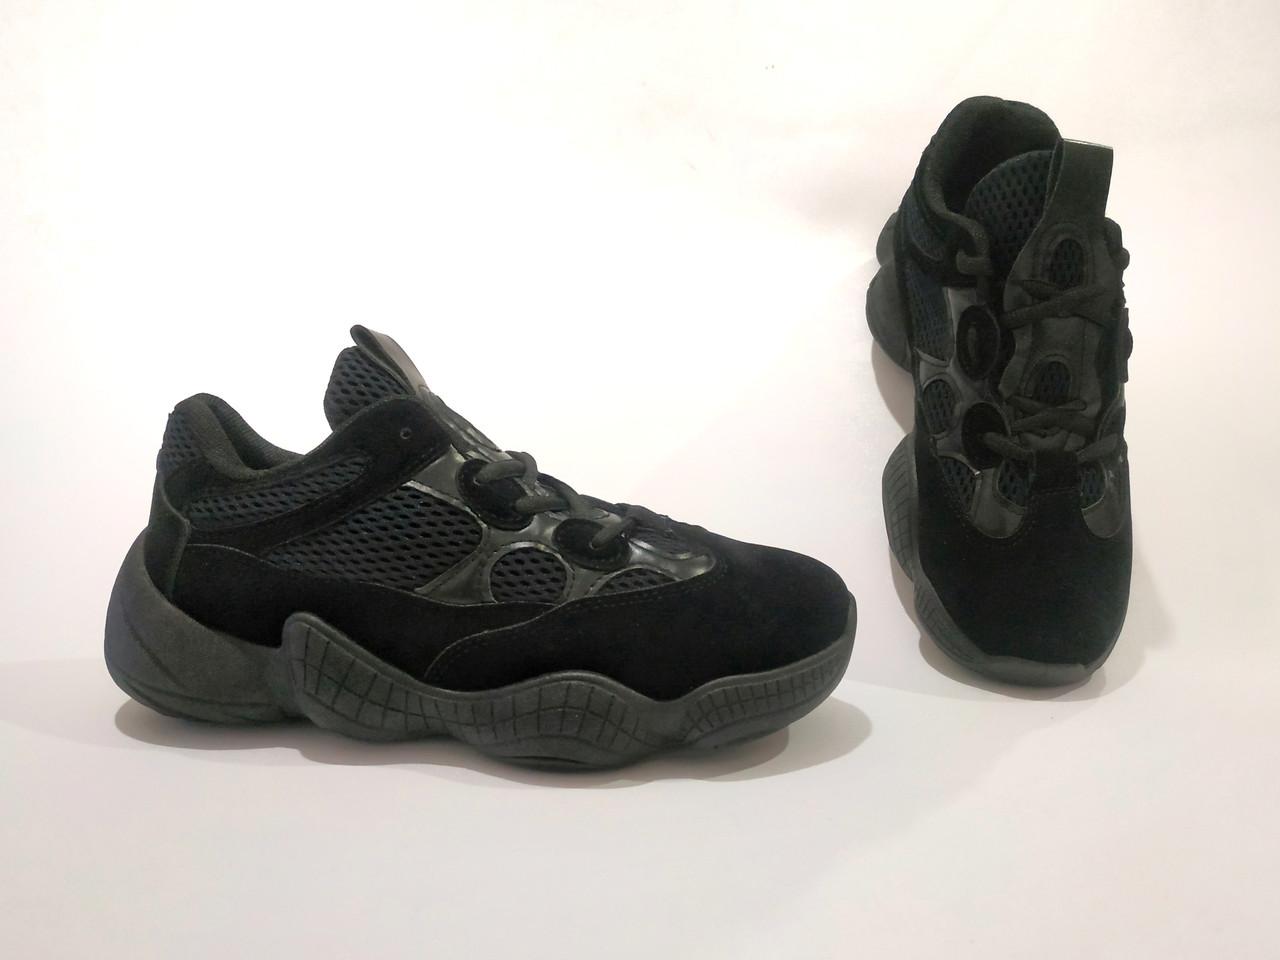 Adidas Yeezy 500 Черные |КОПИЯ| женские кроссовки адидас изи 500 \ размеры: 36-39